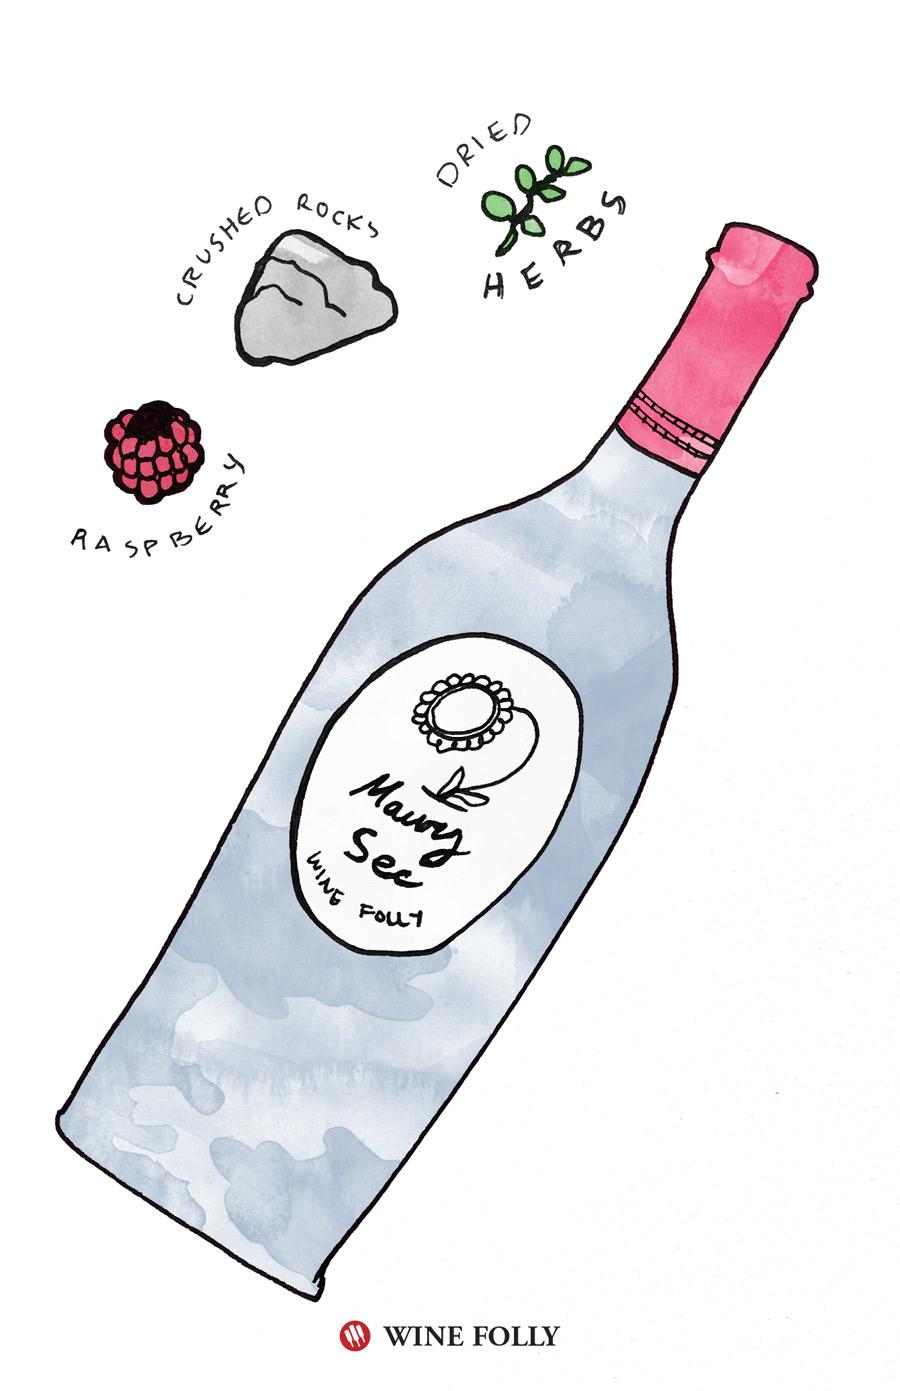 Maury Sec Illustration by Wine Folly